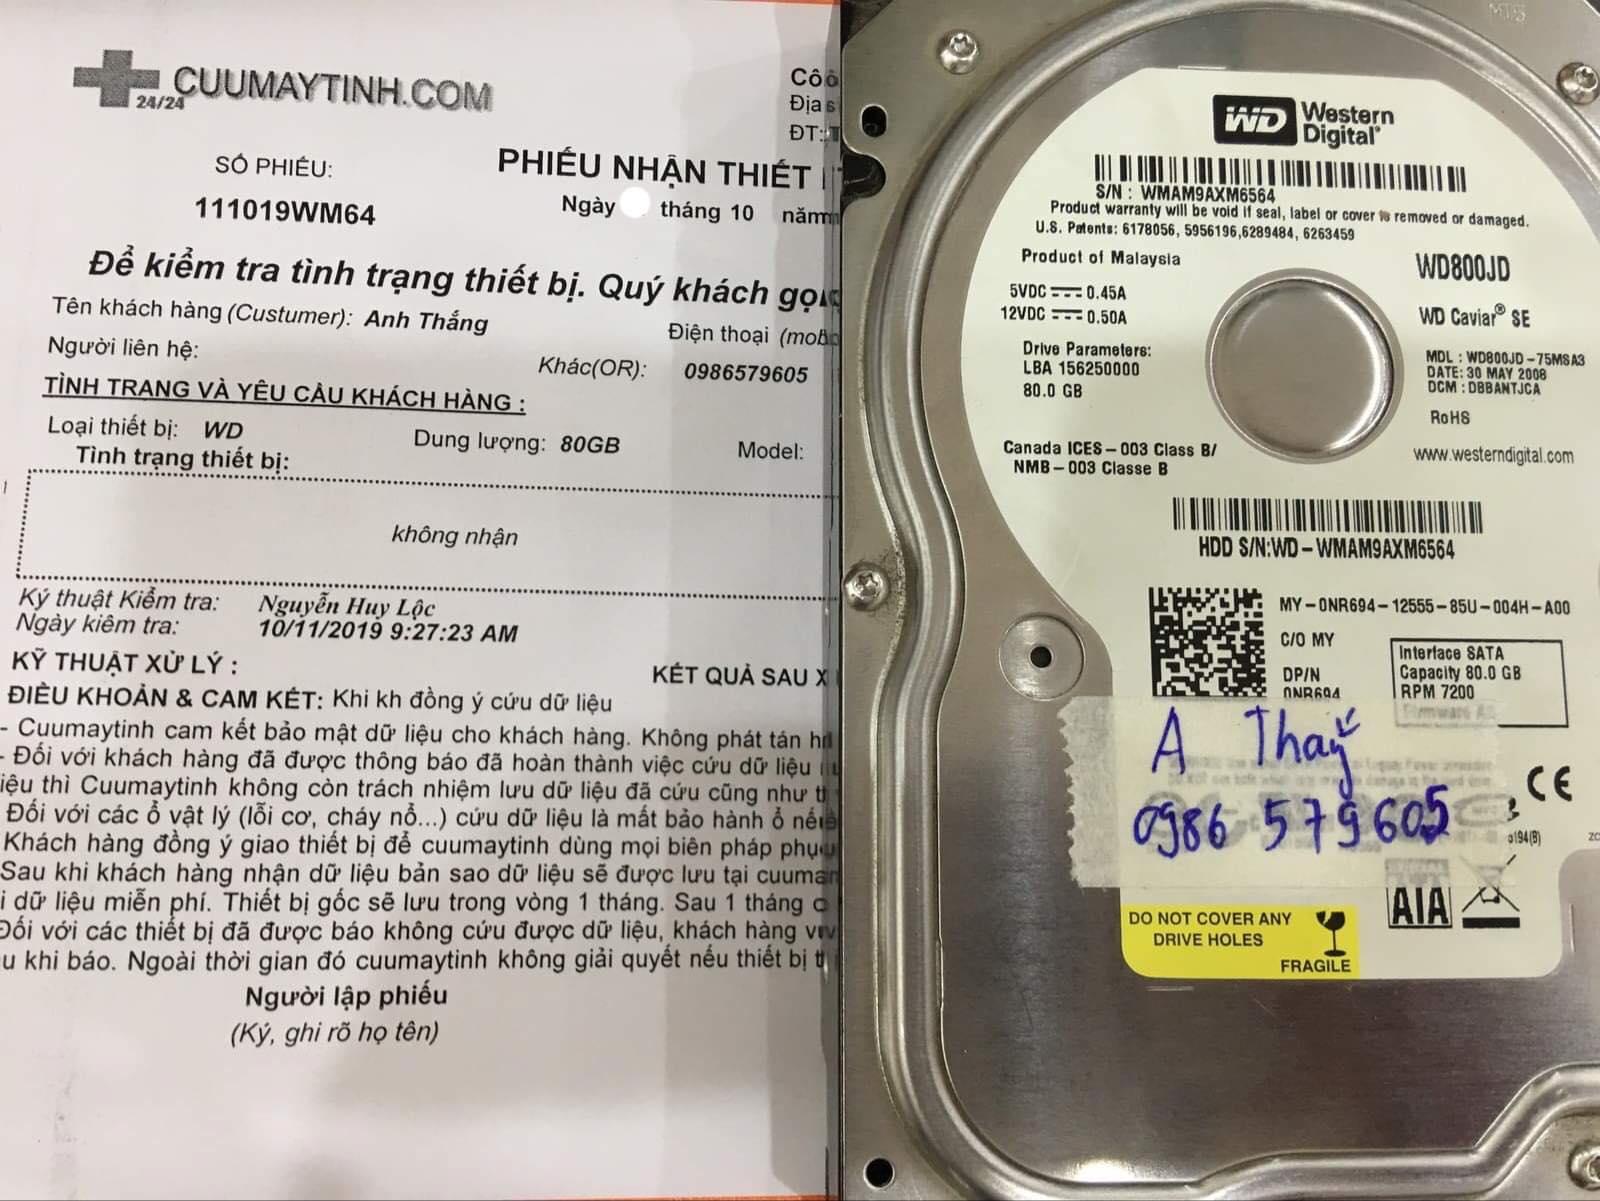 Khôi phục dữ liệu ổ cứng Western 80GB không nhận 12/10/2019 - cuumaytinh